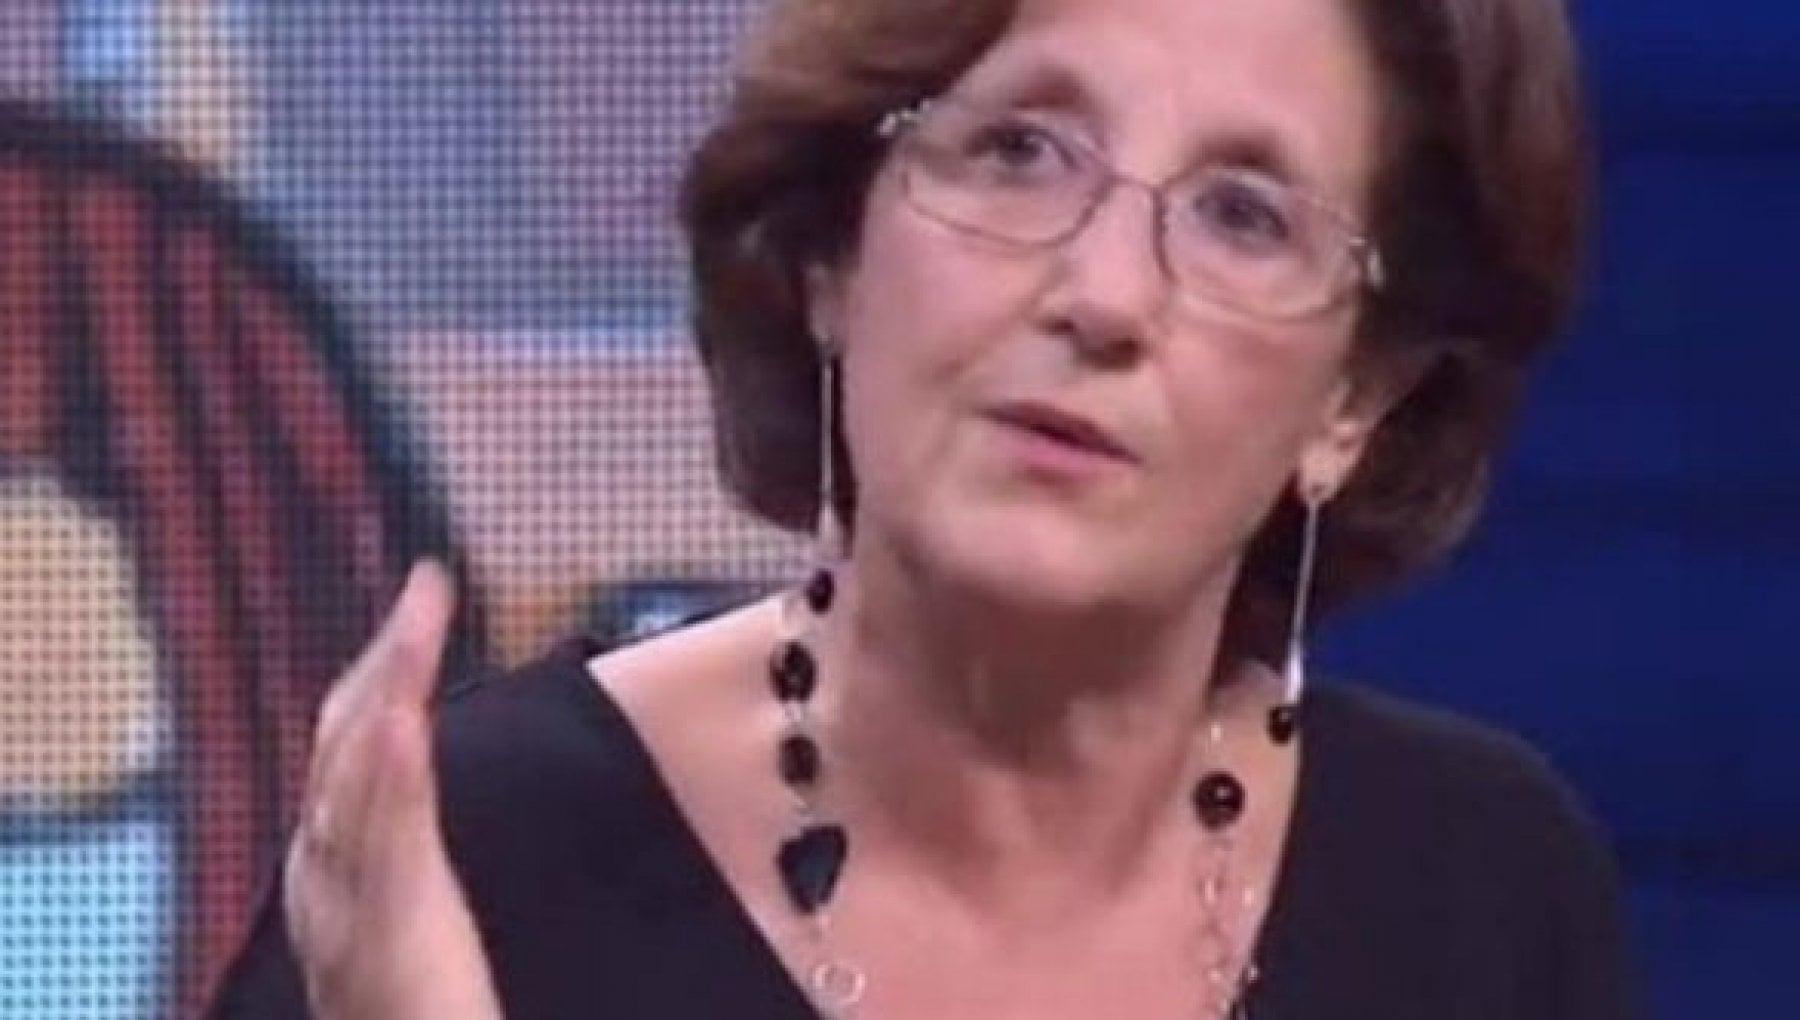 Lepidemiologa Stefania Salmaso Se non si riducono i contagi il vaccino non sara utile